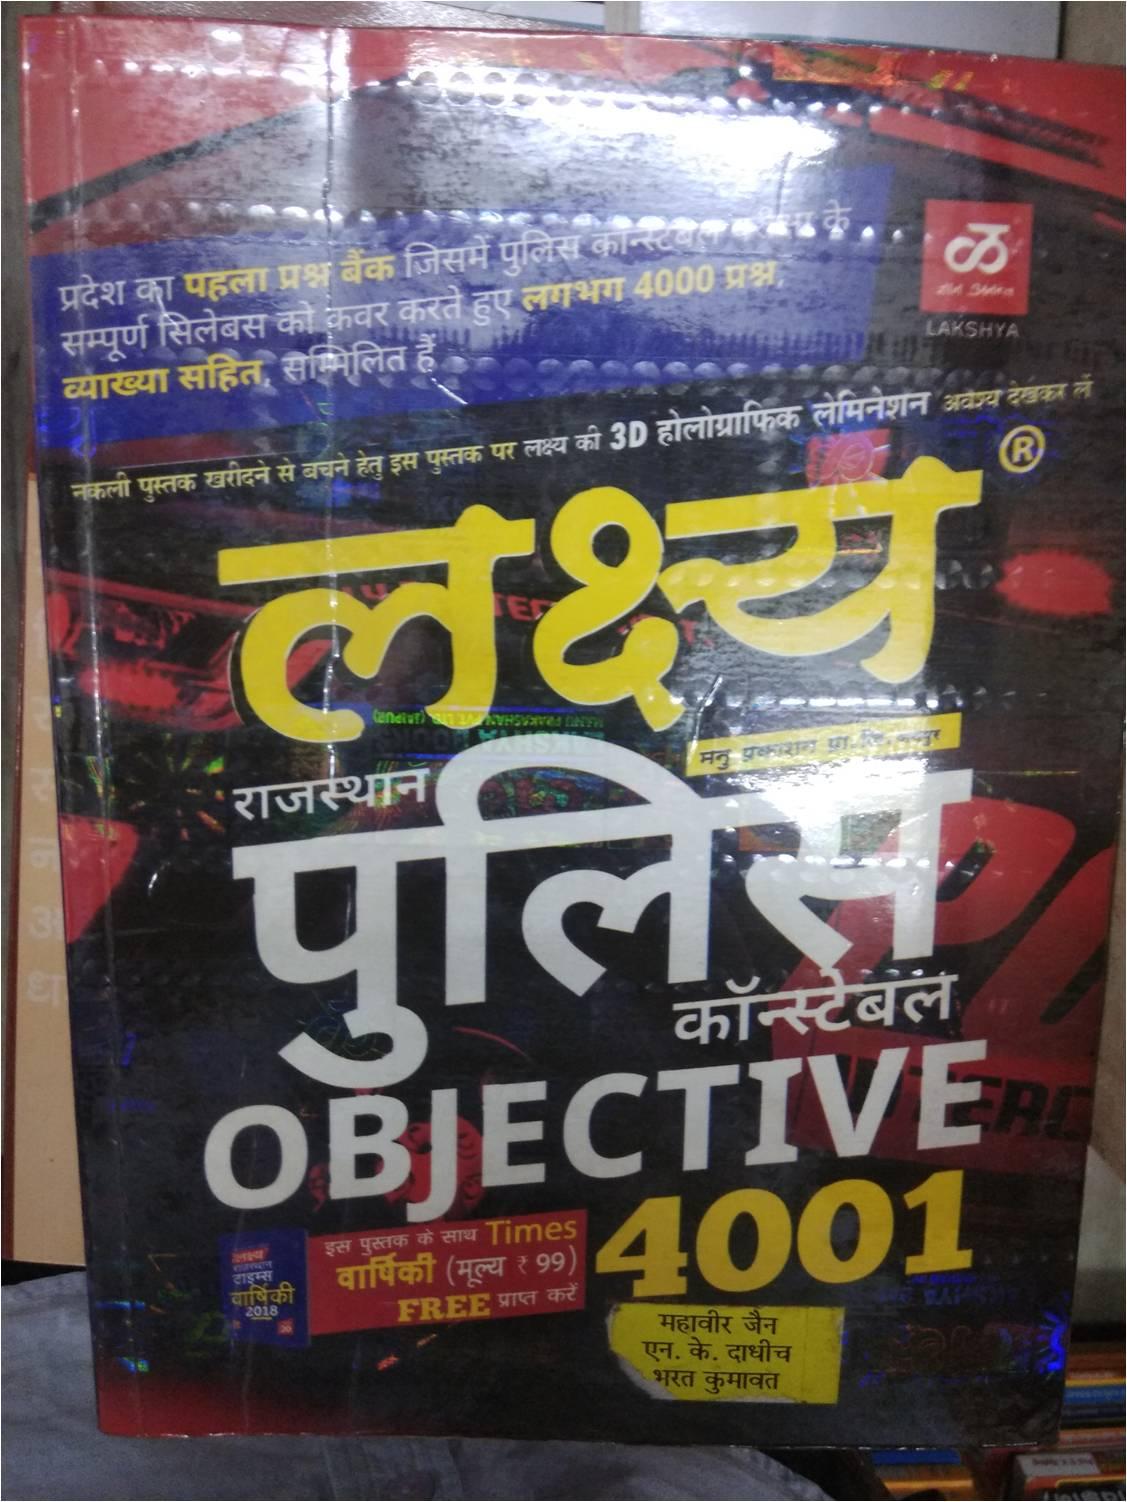 Lakshya Rajasthan Police Book Pdf Wiring Library Ge Ptac Diagram Objectives 4001 Exam Guide In Hindi By Manu Prakashan